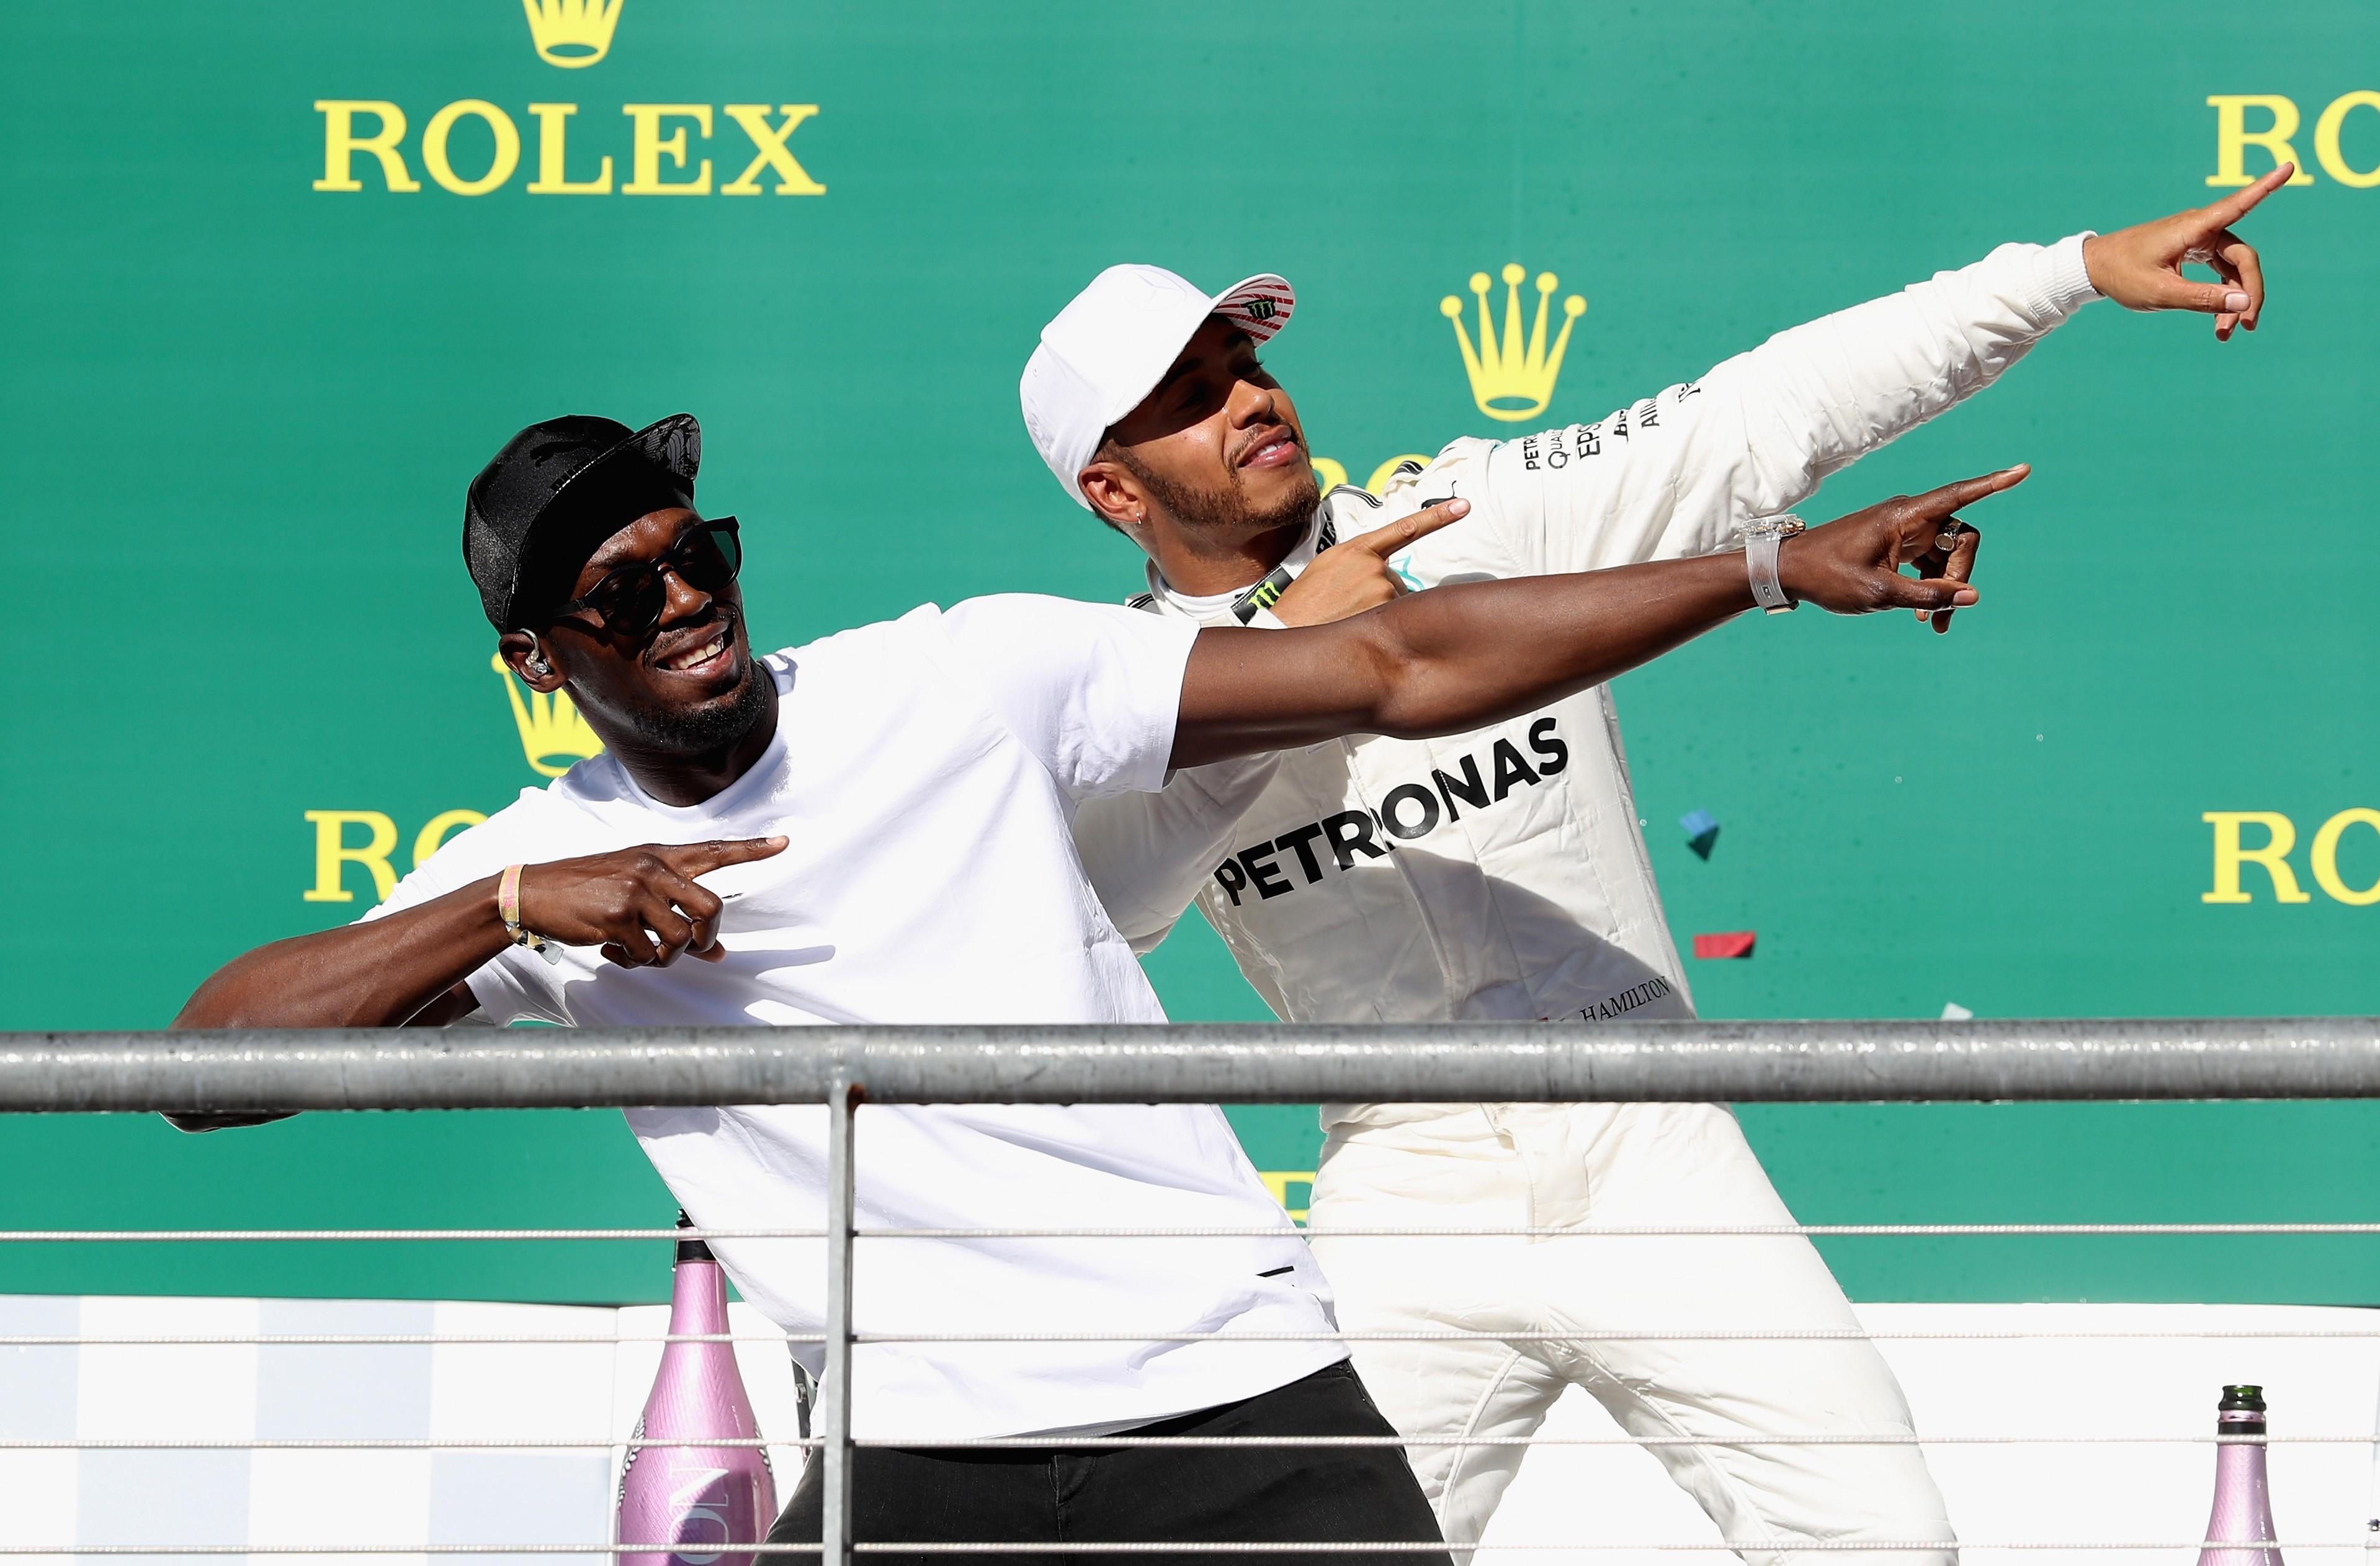 Usain Bolt, Lewis Hamilton (Mercedes) au Grand Prix des Etats-Unis d'Amérique 2017